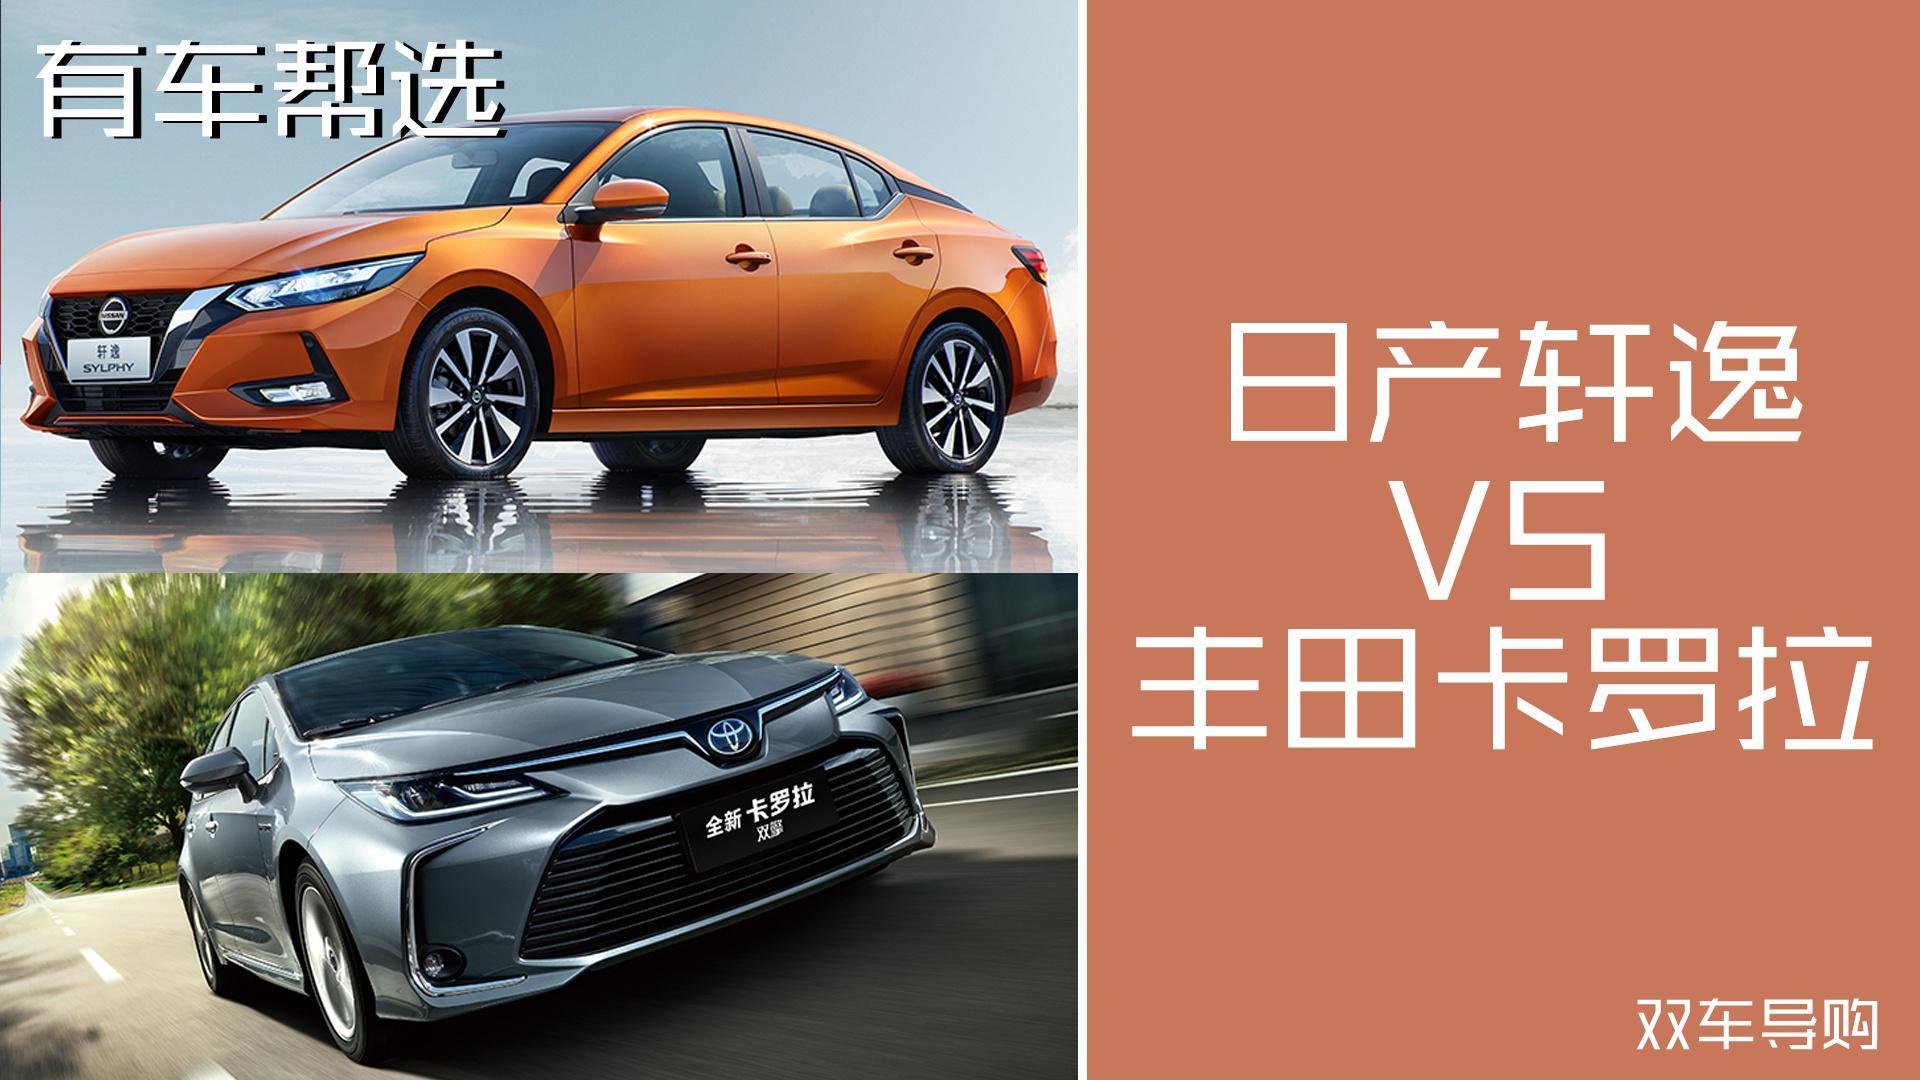 视频:价格亲民的两款紧凑型轿车 丰田卡罗拉和日产轩逸哪款更适合你呢